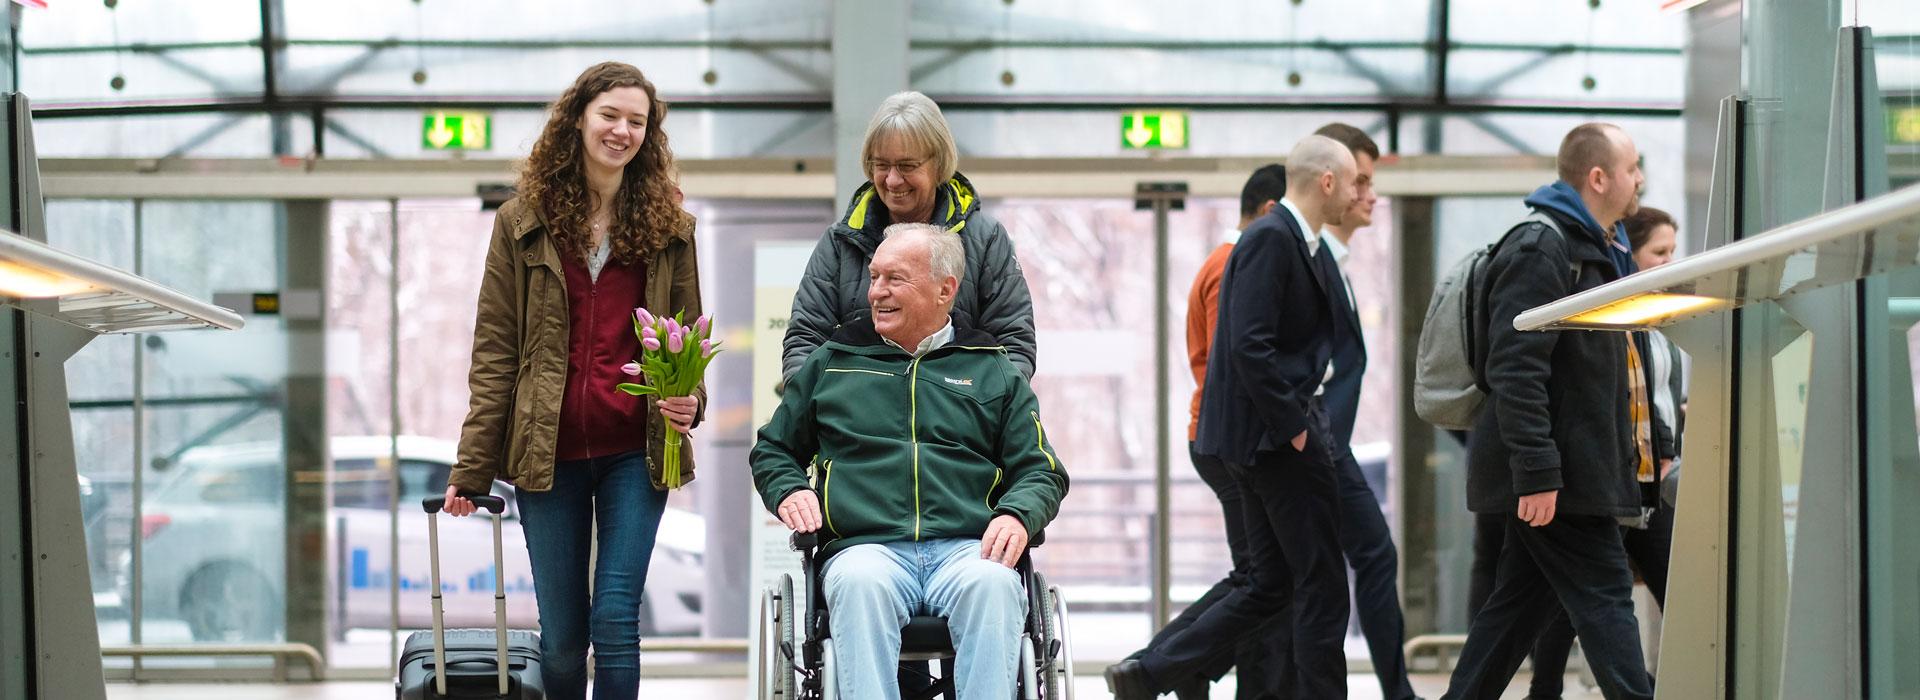 jetti akülü tekerlekli sandalye fiyatları